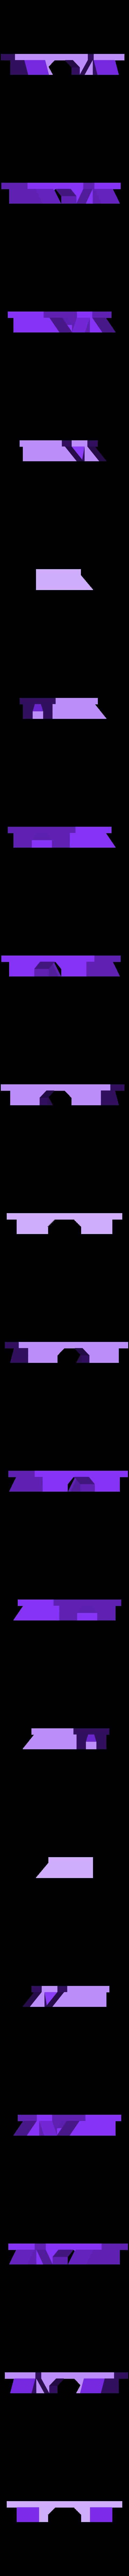 Wall_Organizer_Double_Stripes_-_Cleat.stl Télécharger fichier STL gratuit Organisateur mural • Design pour imprimante 3D, 3DBROOKLYN